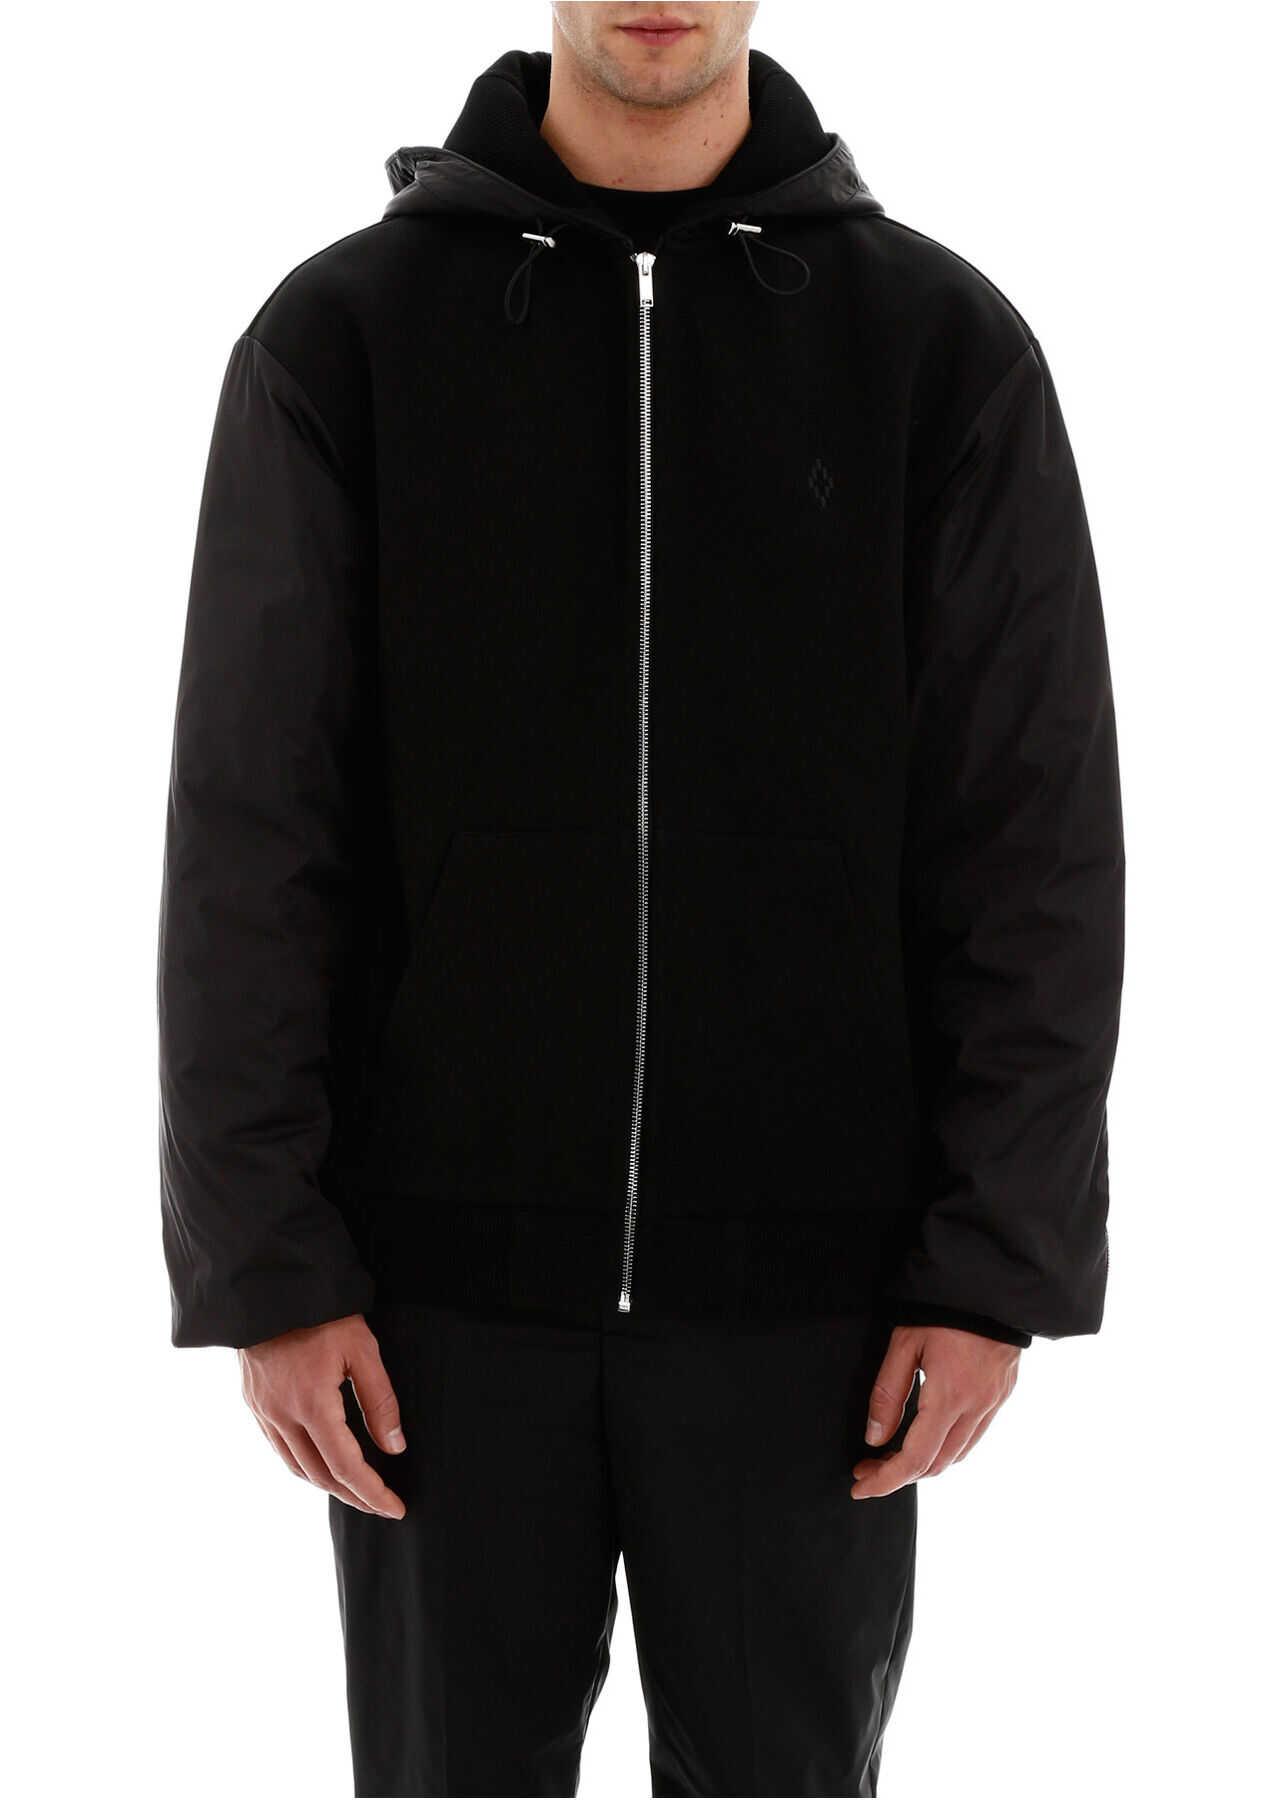 Marcelo Burlon Hooded Bomber Jacket BLACK BLACK